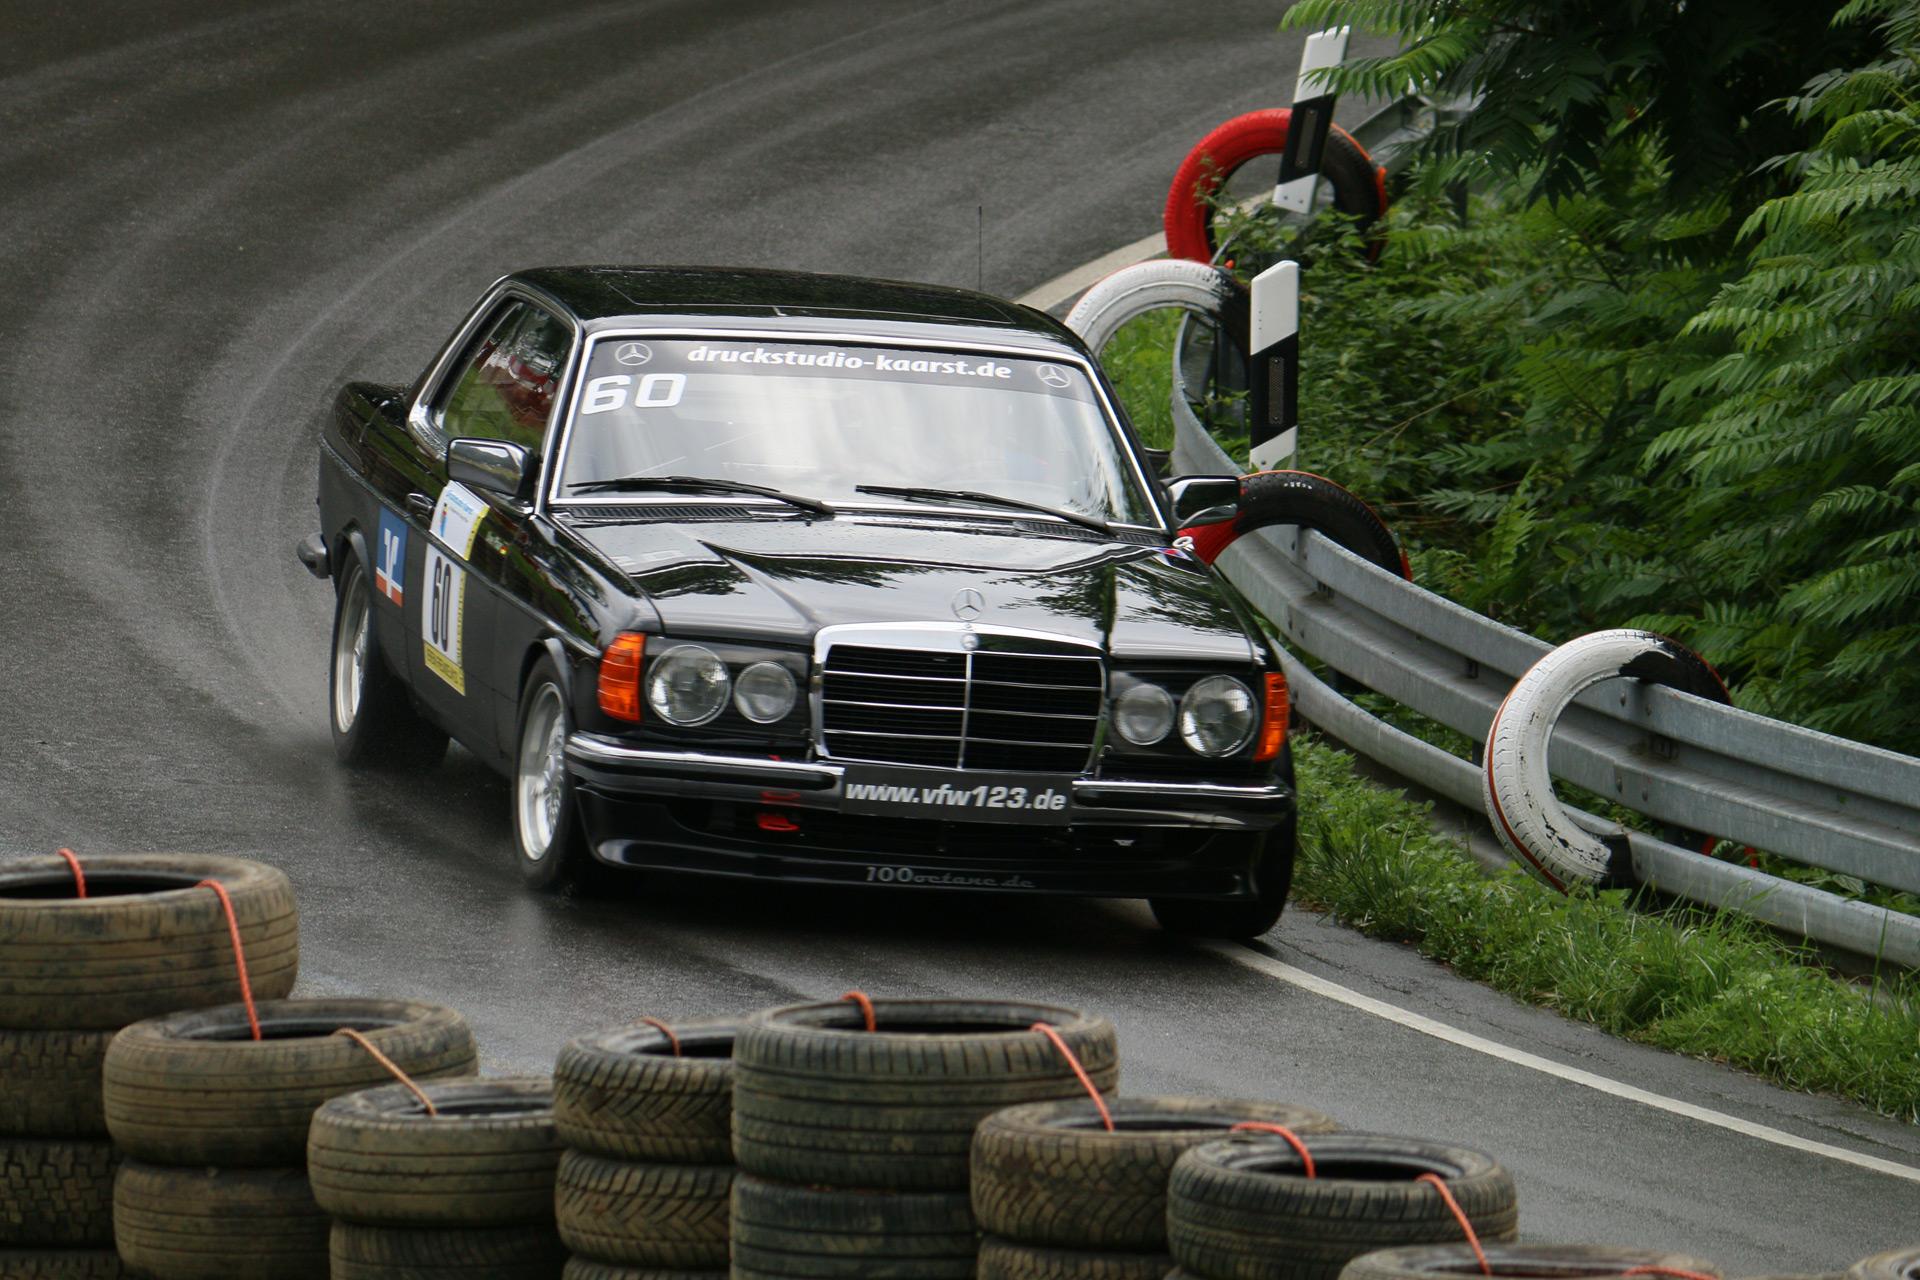 Der österreichische Musiker Falco fuhr zwei Jahre lang einen weißen 123er 280 CE, (Baujahr 1979). Dieser Mercedes-Benz wurde nach seinem Tod versteigert.